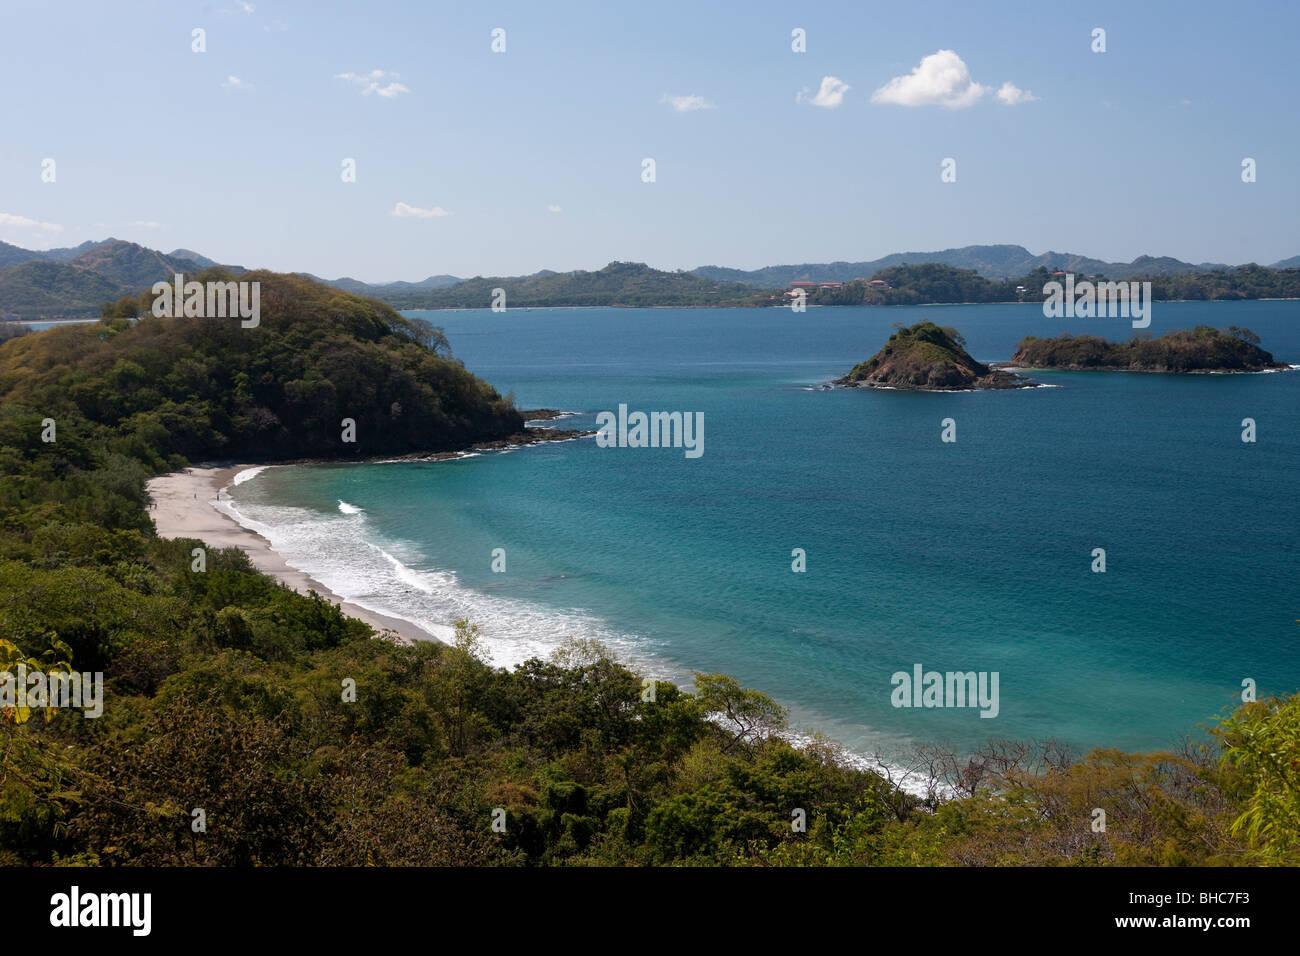 View over Pan de Azucar, Costa Rica - Stock Image